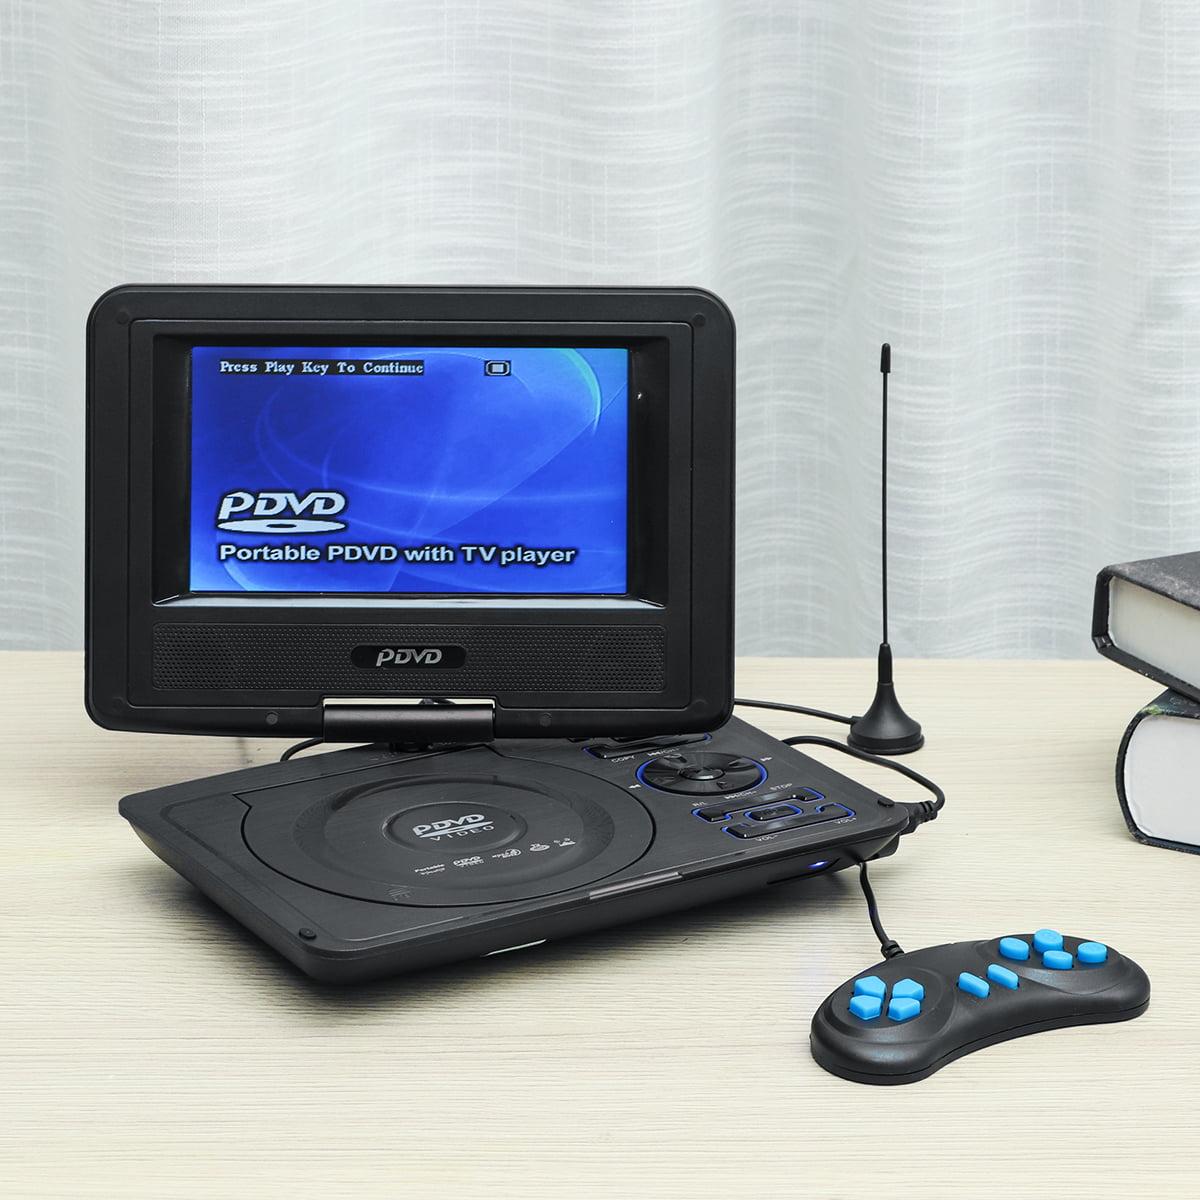 SATA Internal Hard Drive 7200RPM HP 432688-002 160GB